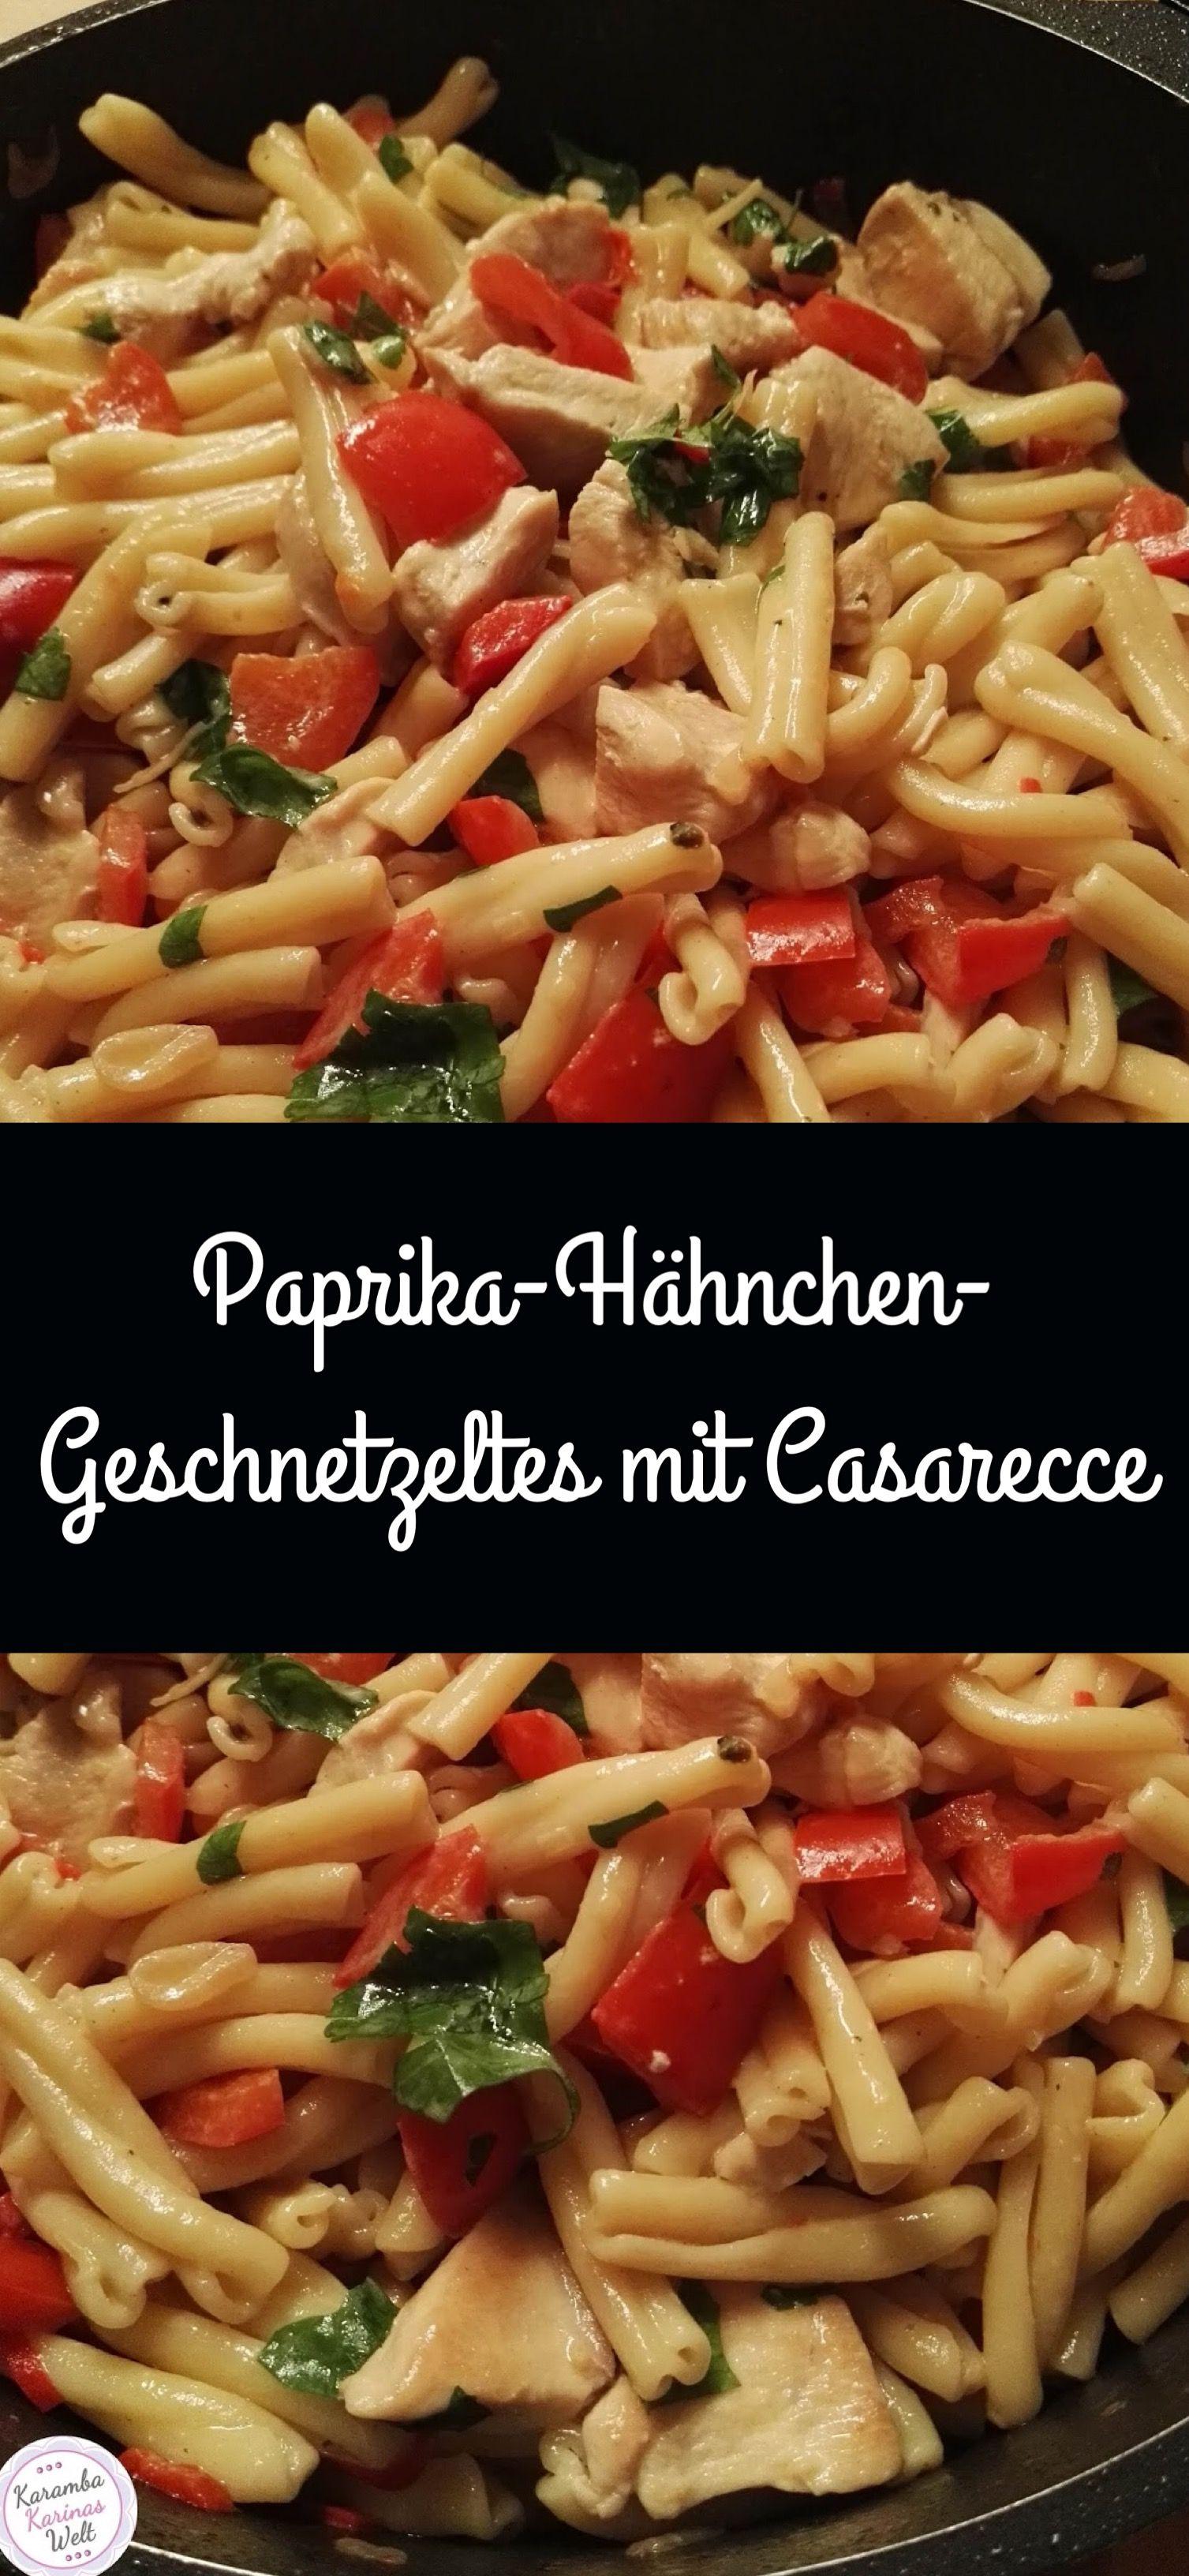 Paprika-Hähnchen-Geschnetzeltes mit Casarecce #easycrockpotchicken